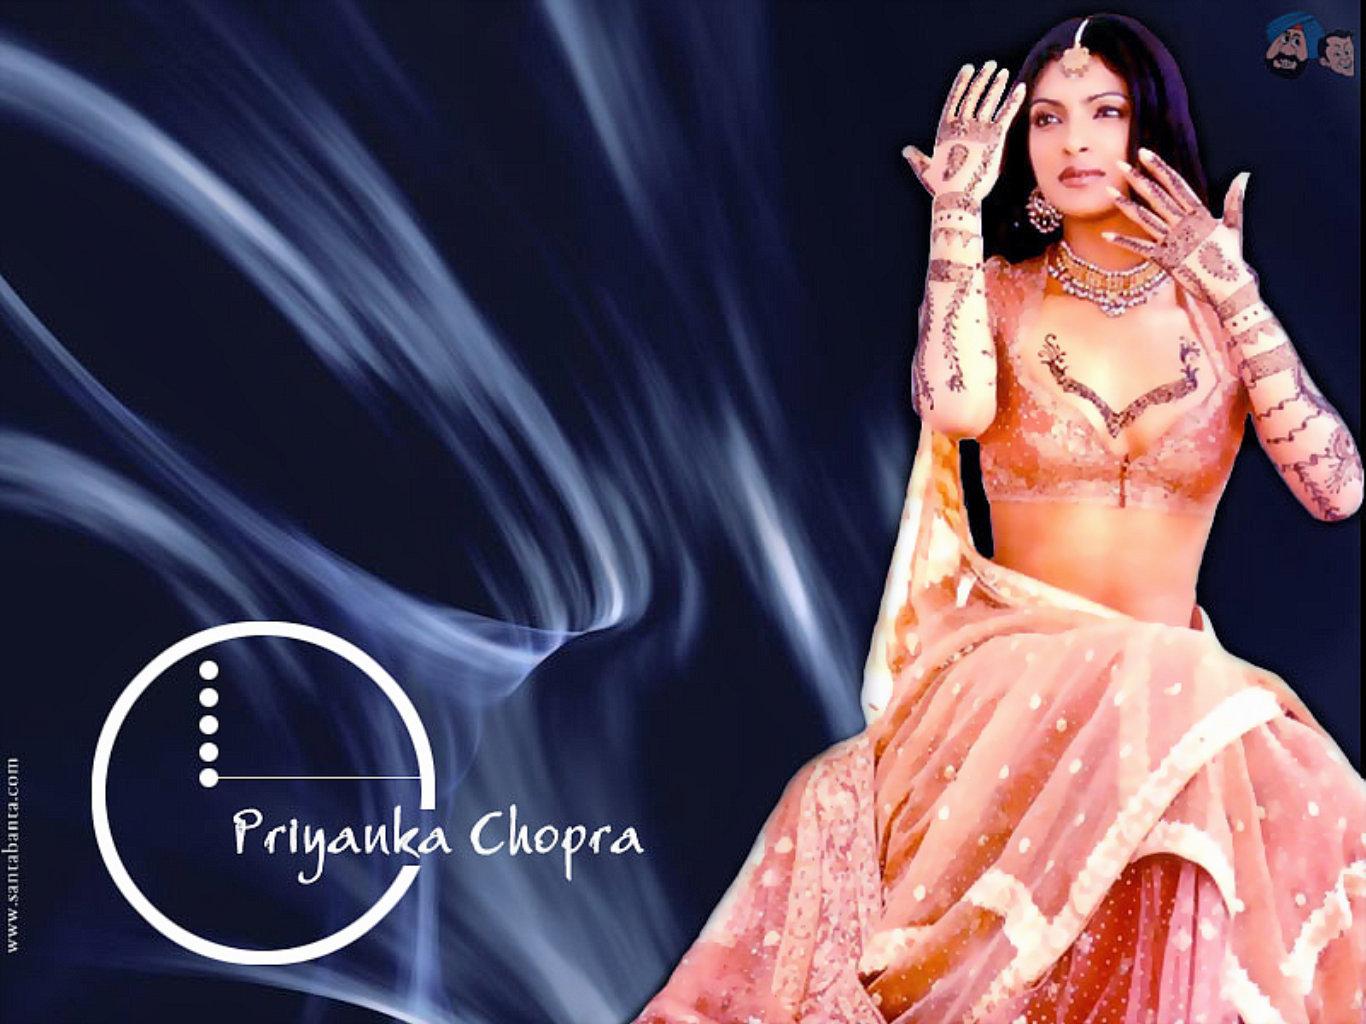 Priyanka Chopra Indian Dress Hot Wallpaper